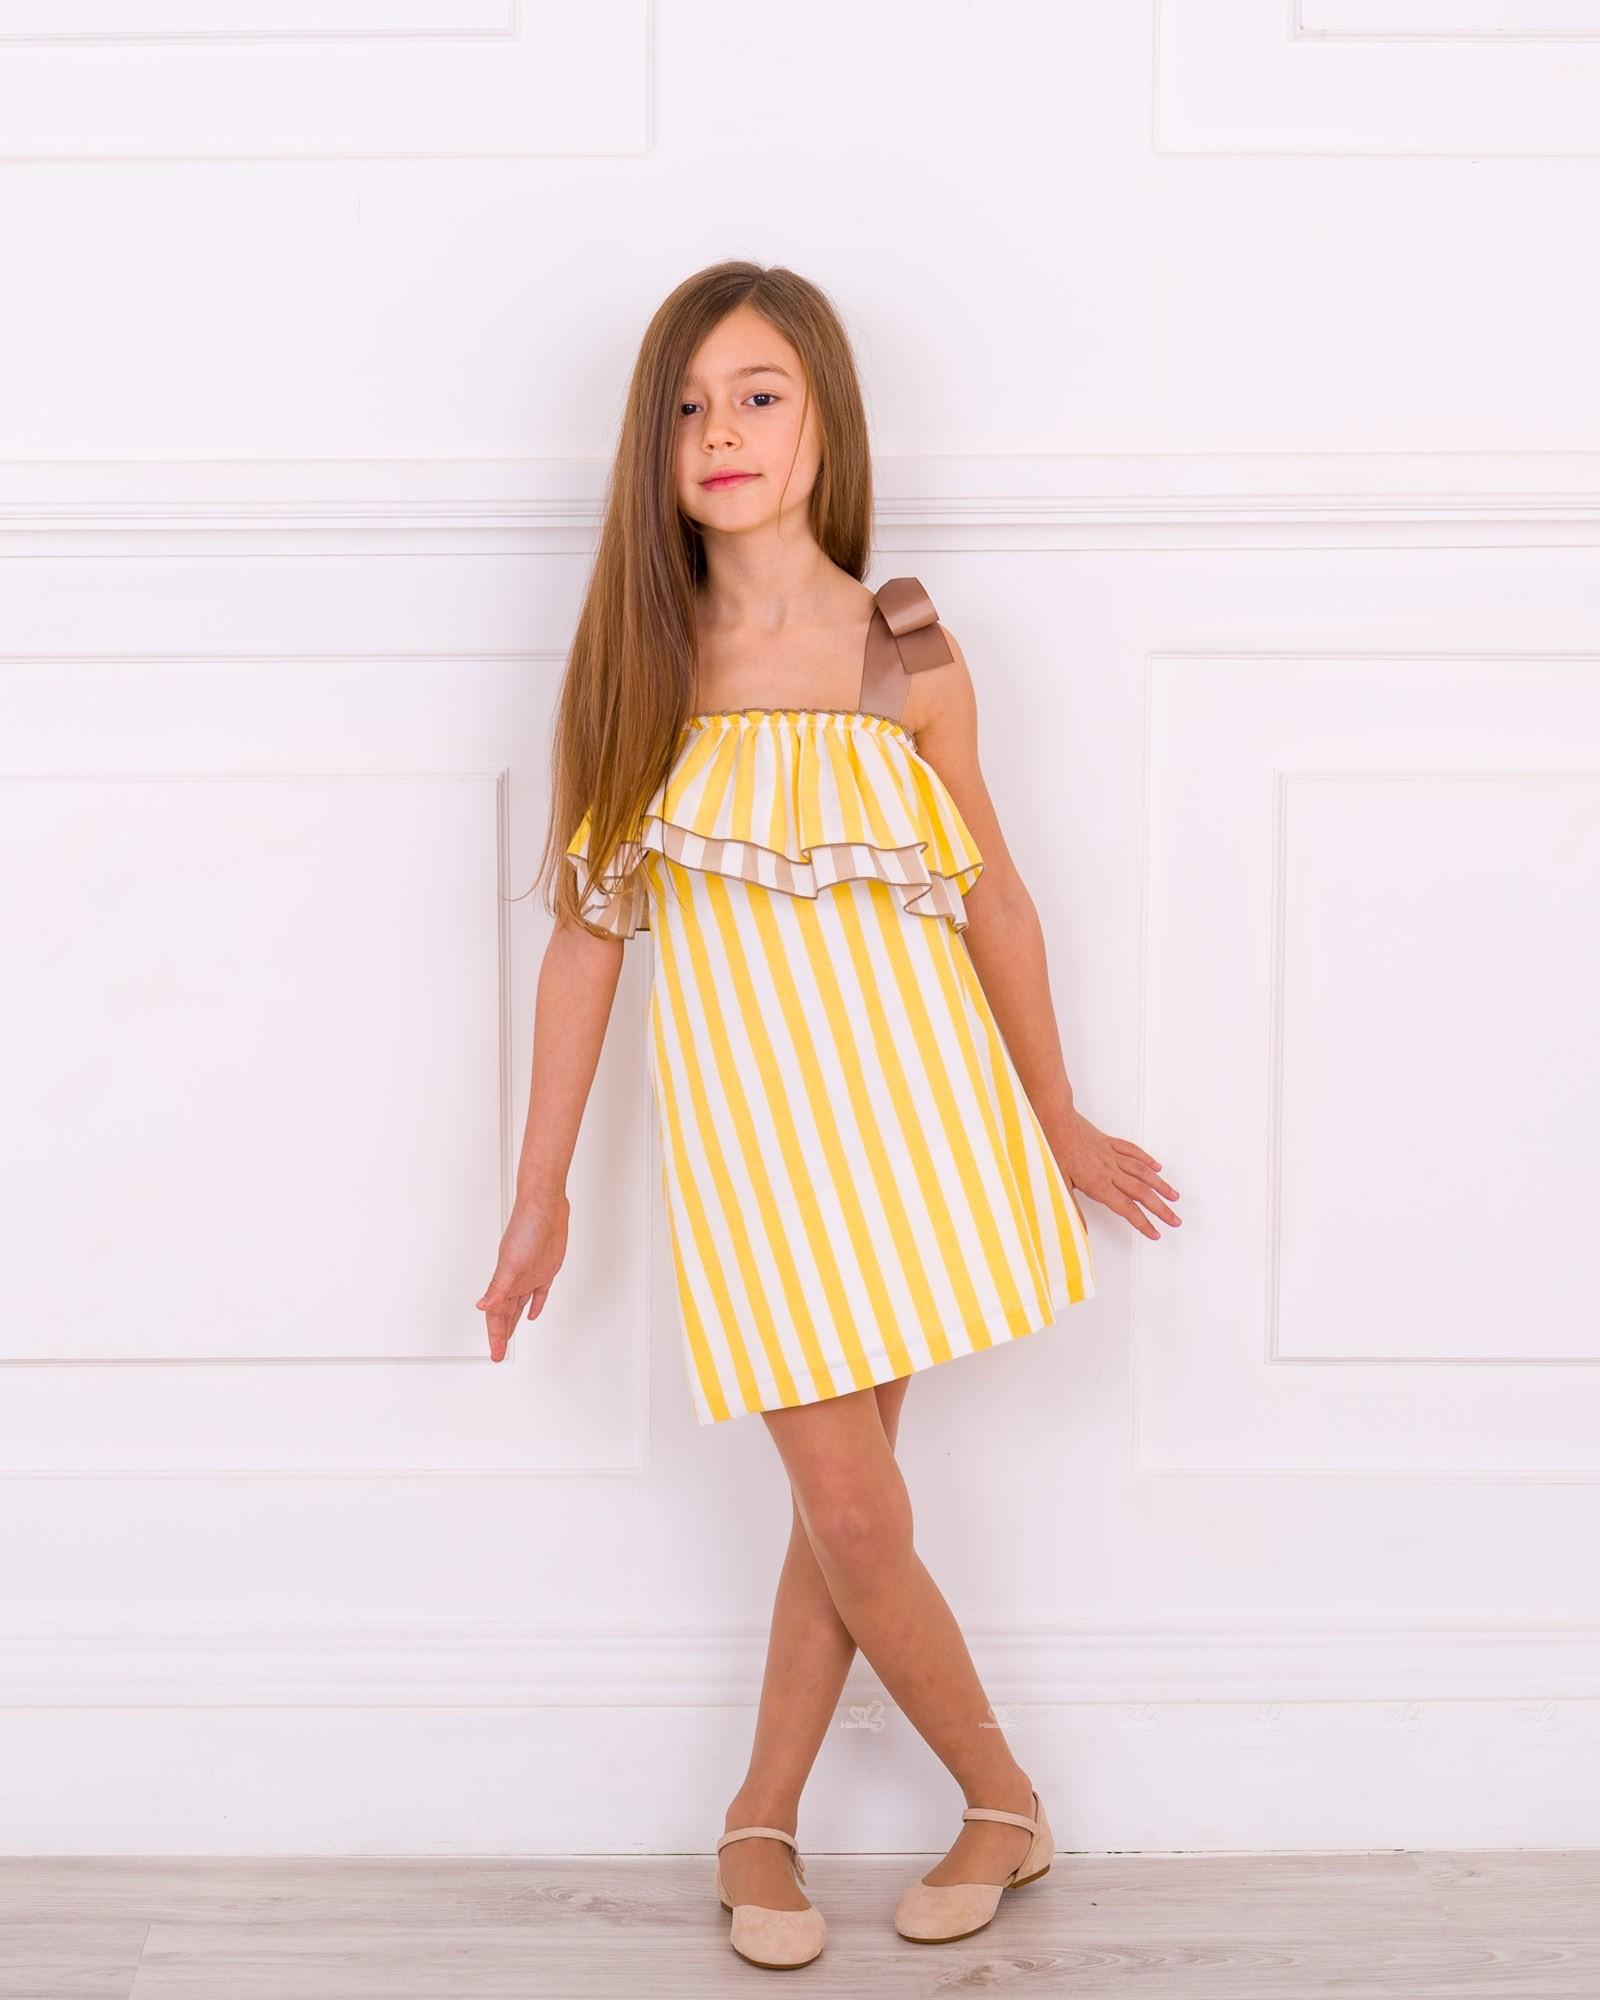 2c006dc6af9 ... the Shoulder Dress Outfit. Hover to zoom